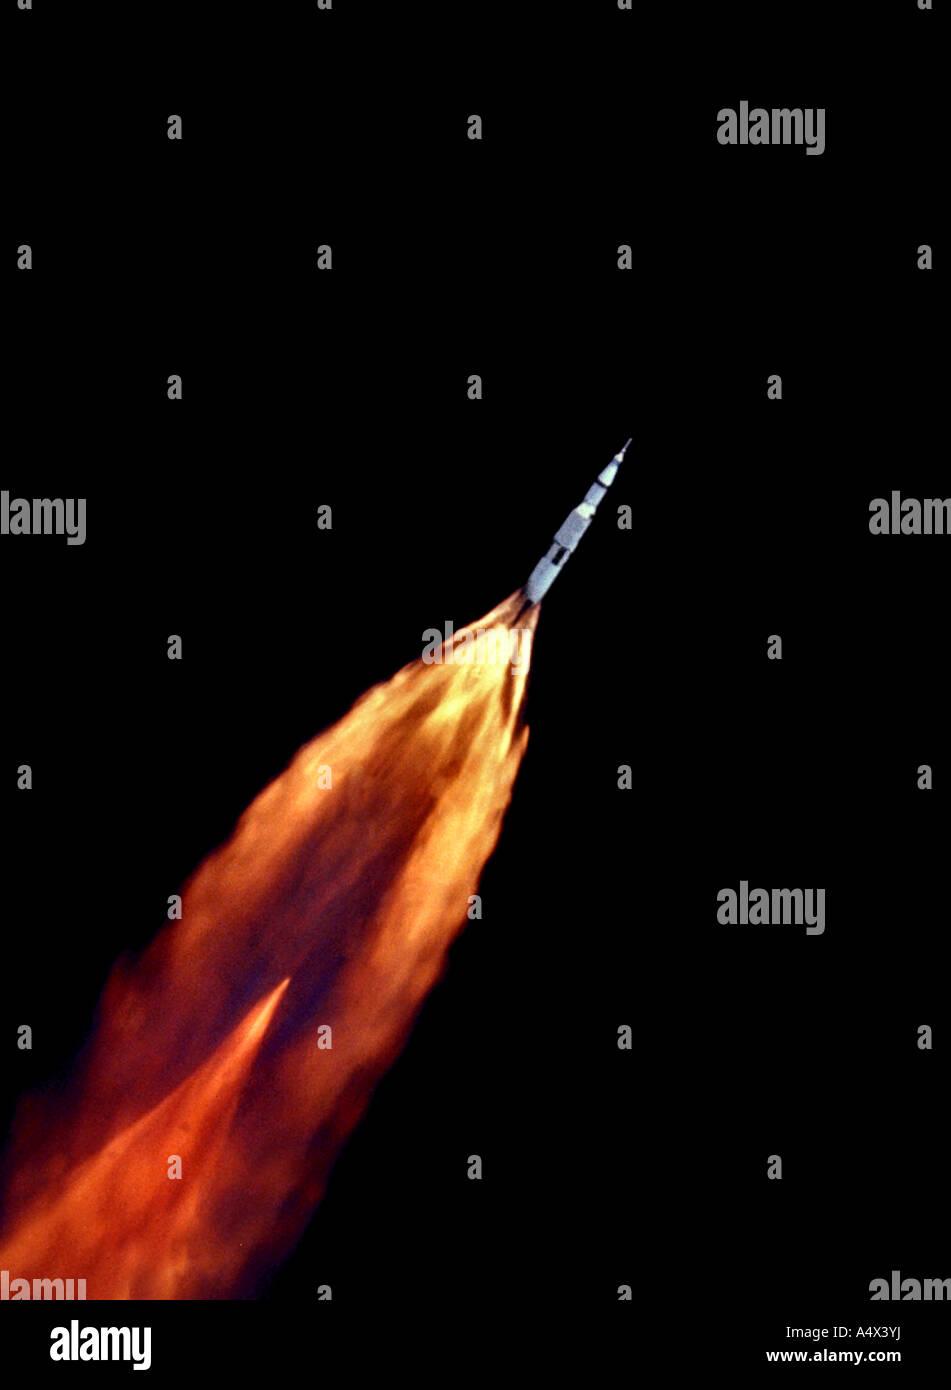 L'Apollo 11 Saturn V veicolo spaziale si arrampica verso orbita dopo il decollo voce alla luna versione avanzata della NASA originale Foto Stock